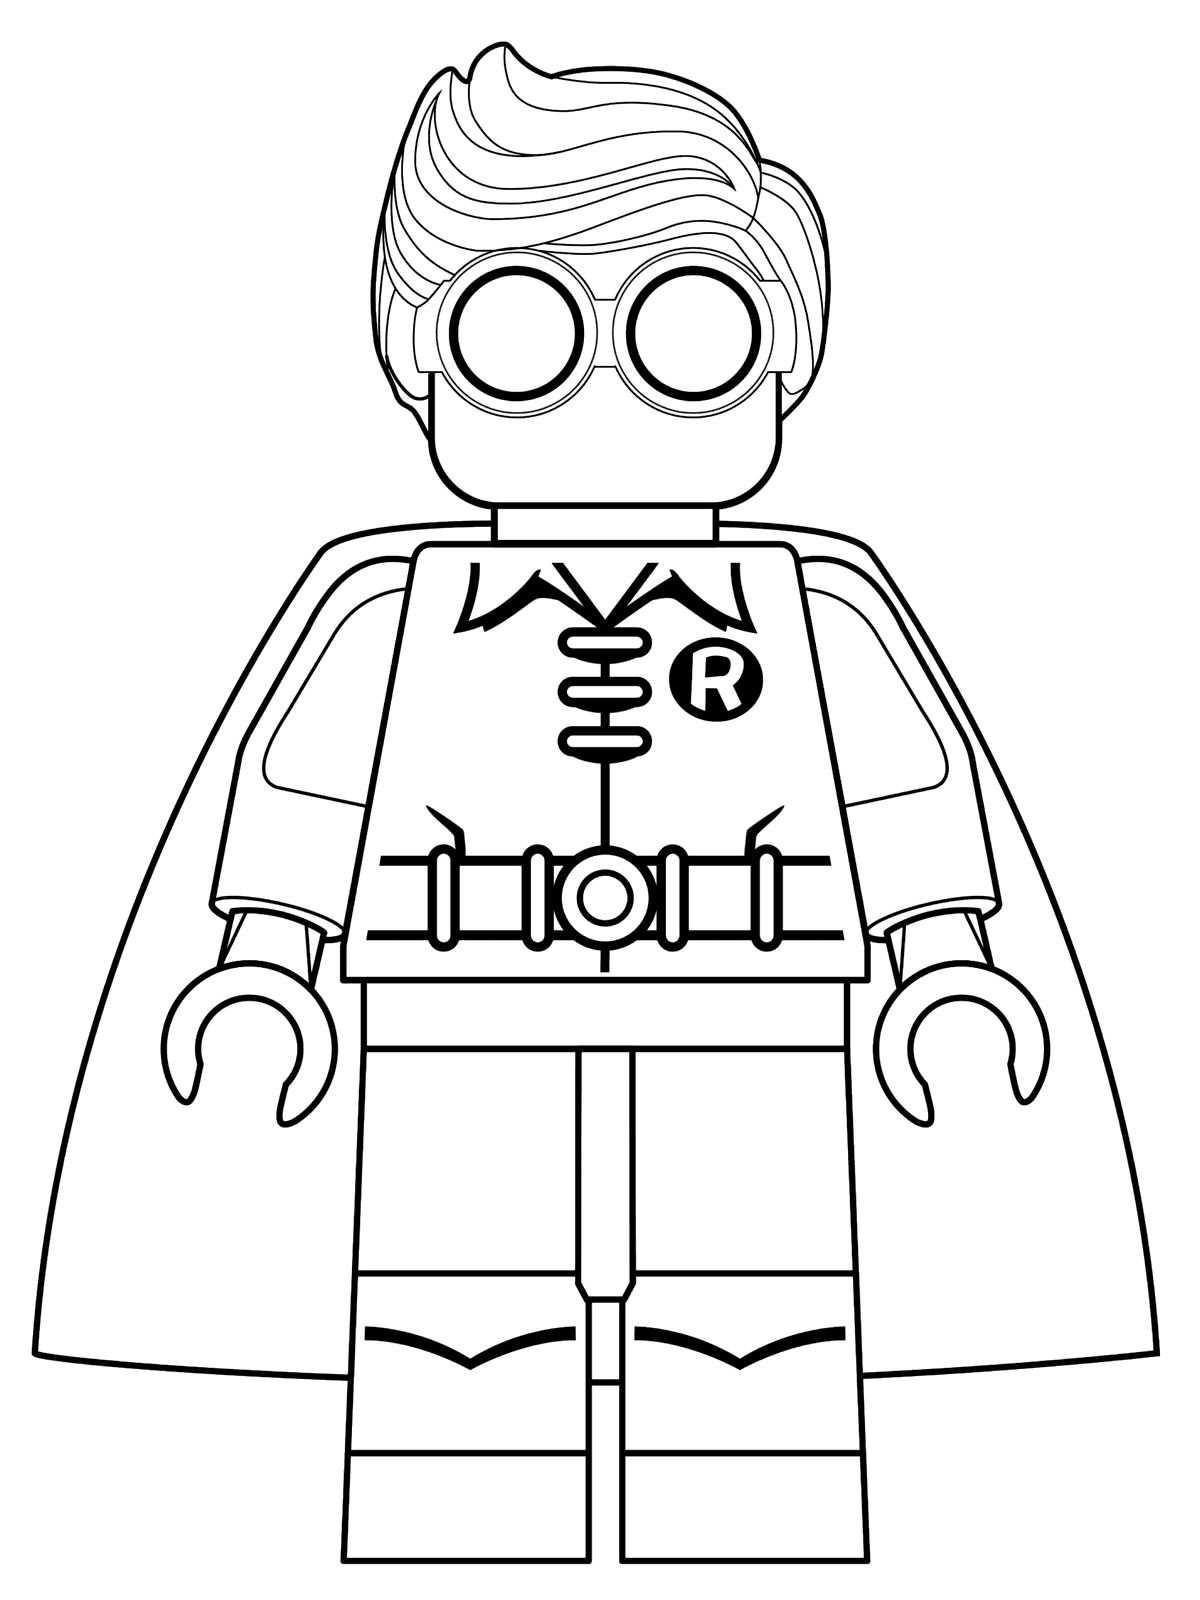 Lego batman Malvorlagen - Malvorlagen19.de